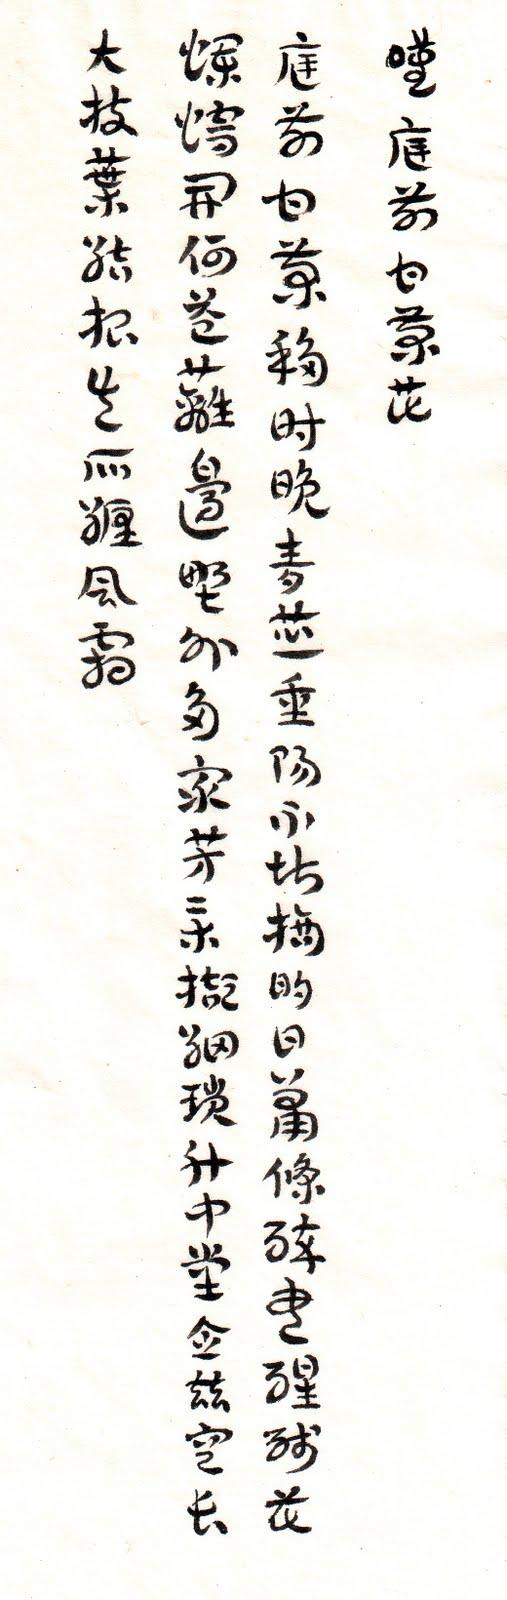 章草【杜甫詩一】: 三月2010